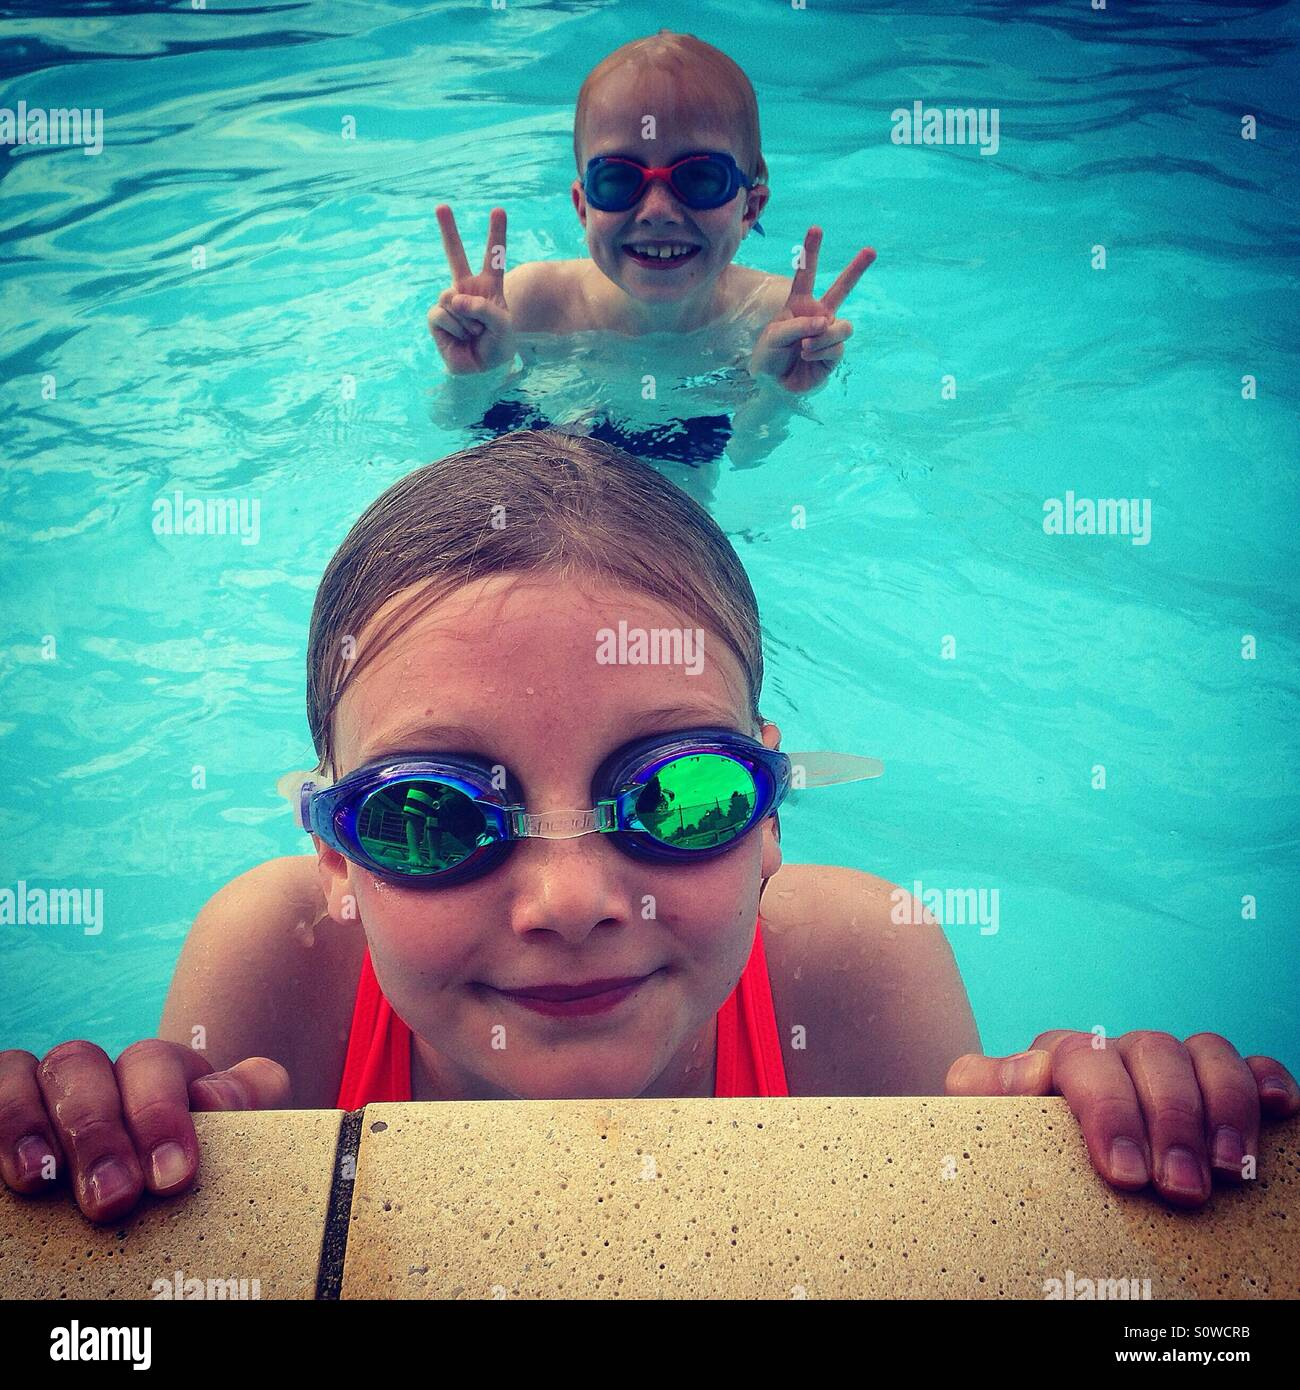 Los niños en la piscina Imagen De Stock